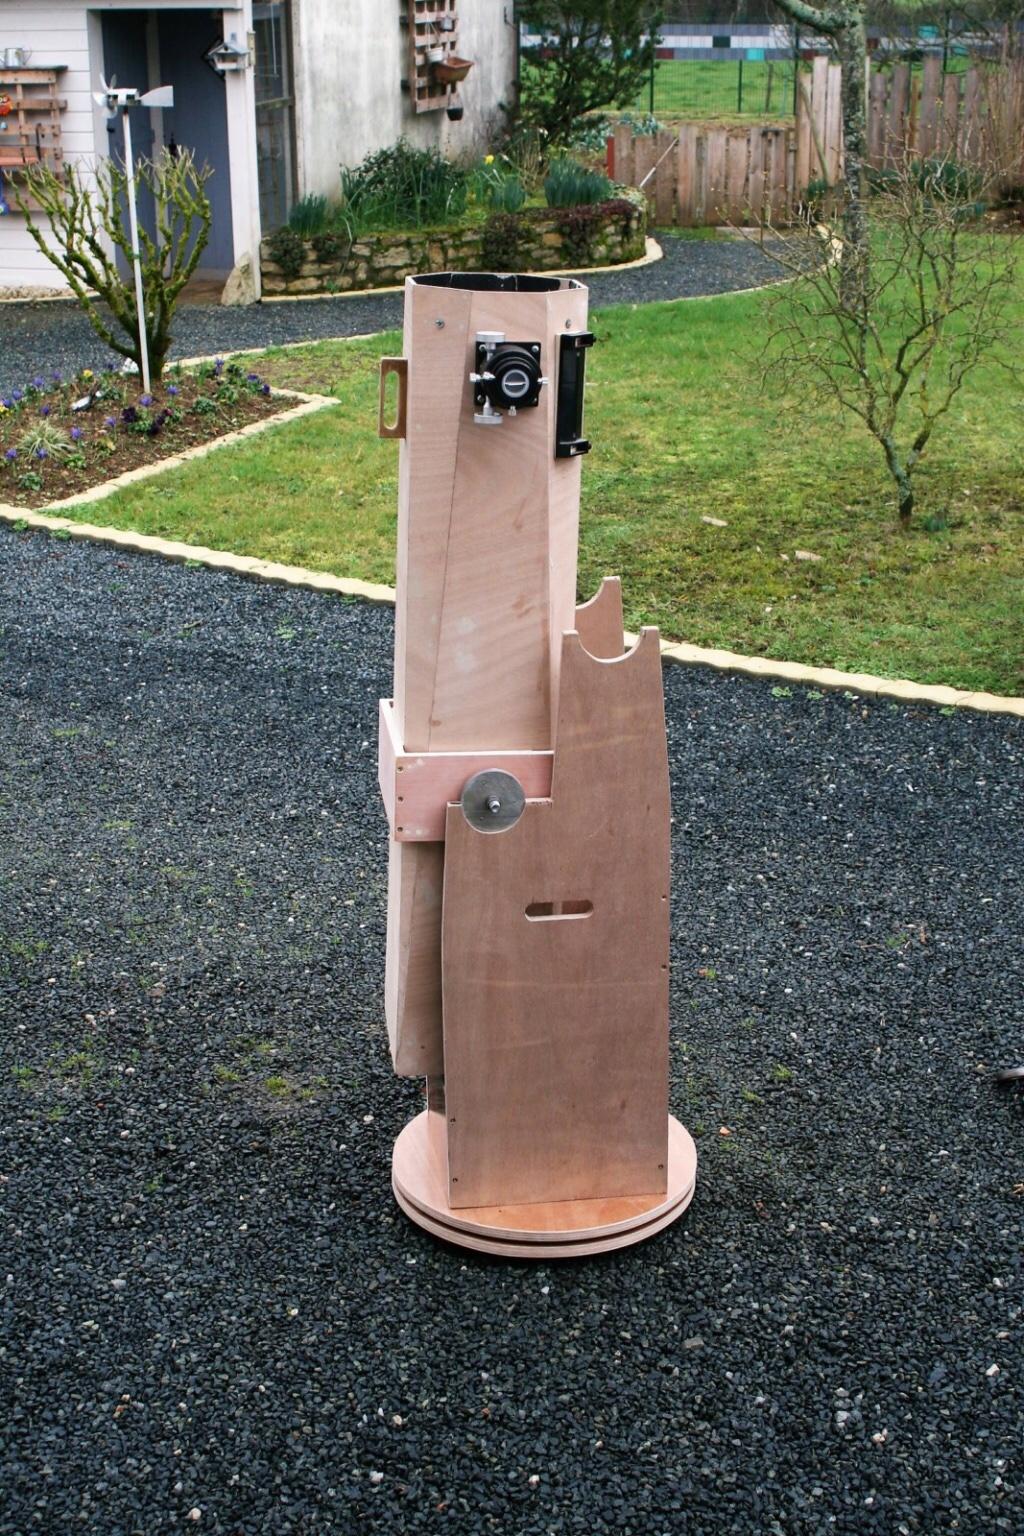 Notre nouveau télescope 200mm